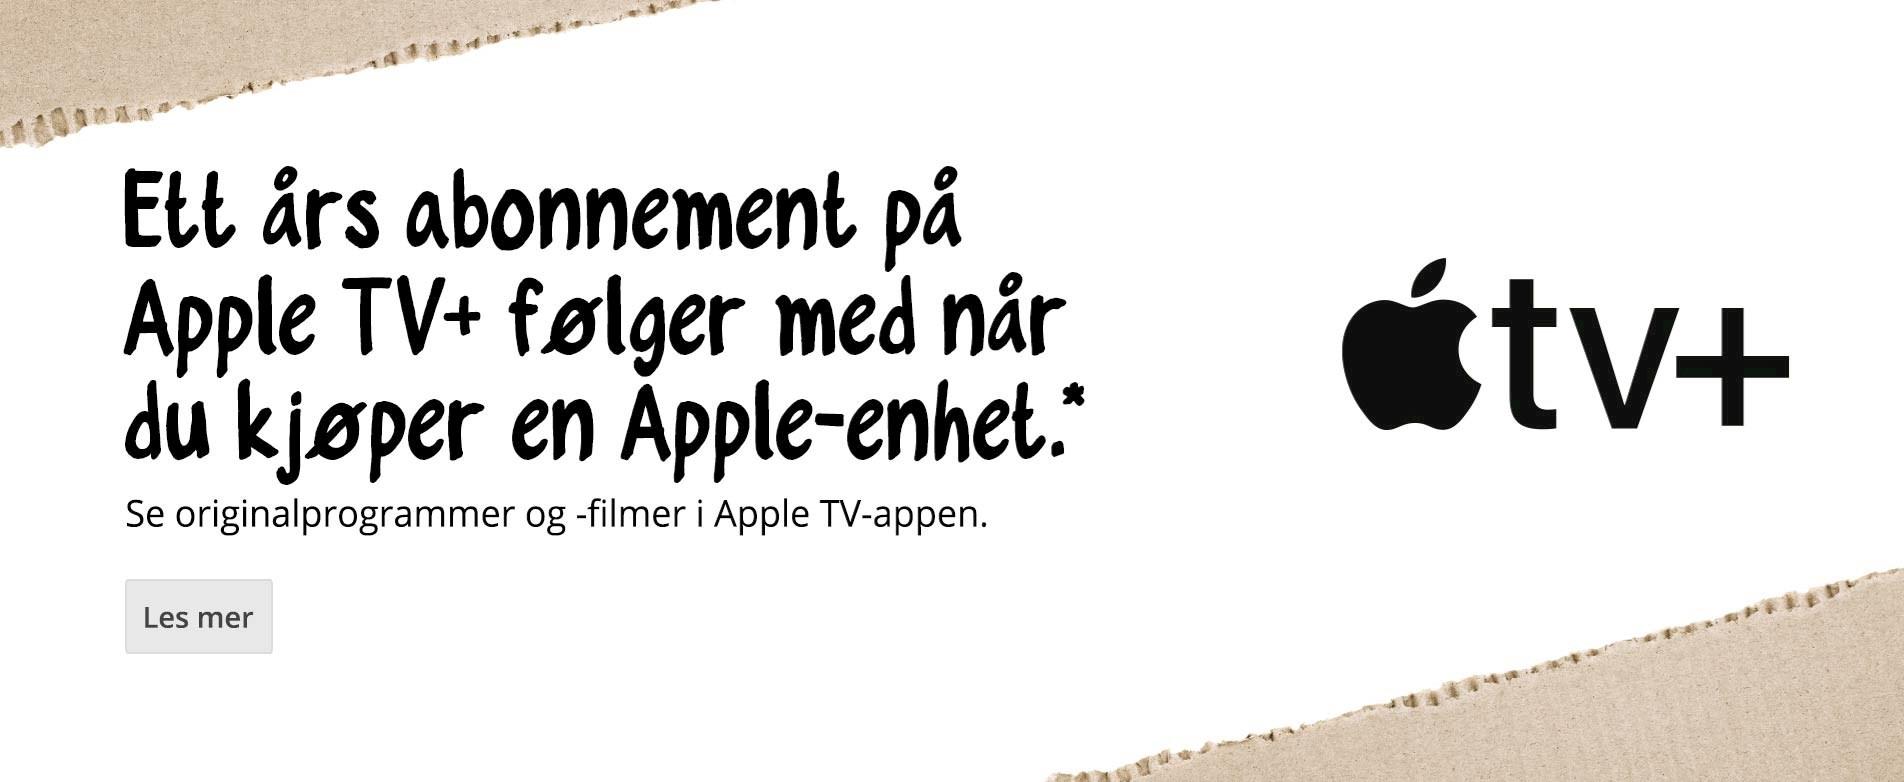 Få ett års abonnement på Apple TV+ når du kjøper en kvalifisert Apple-enhet.